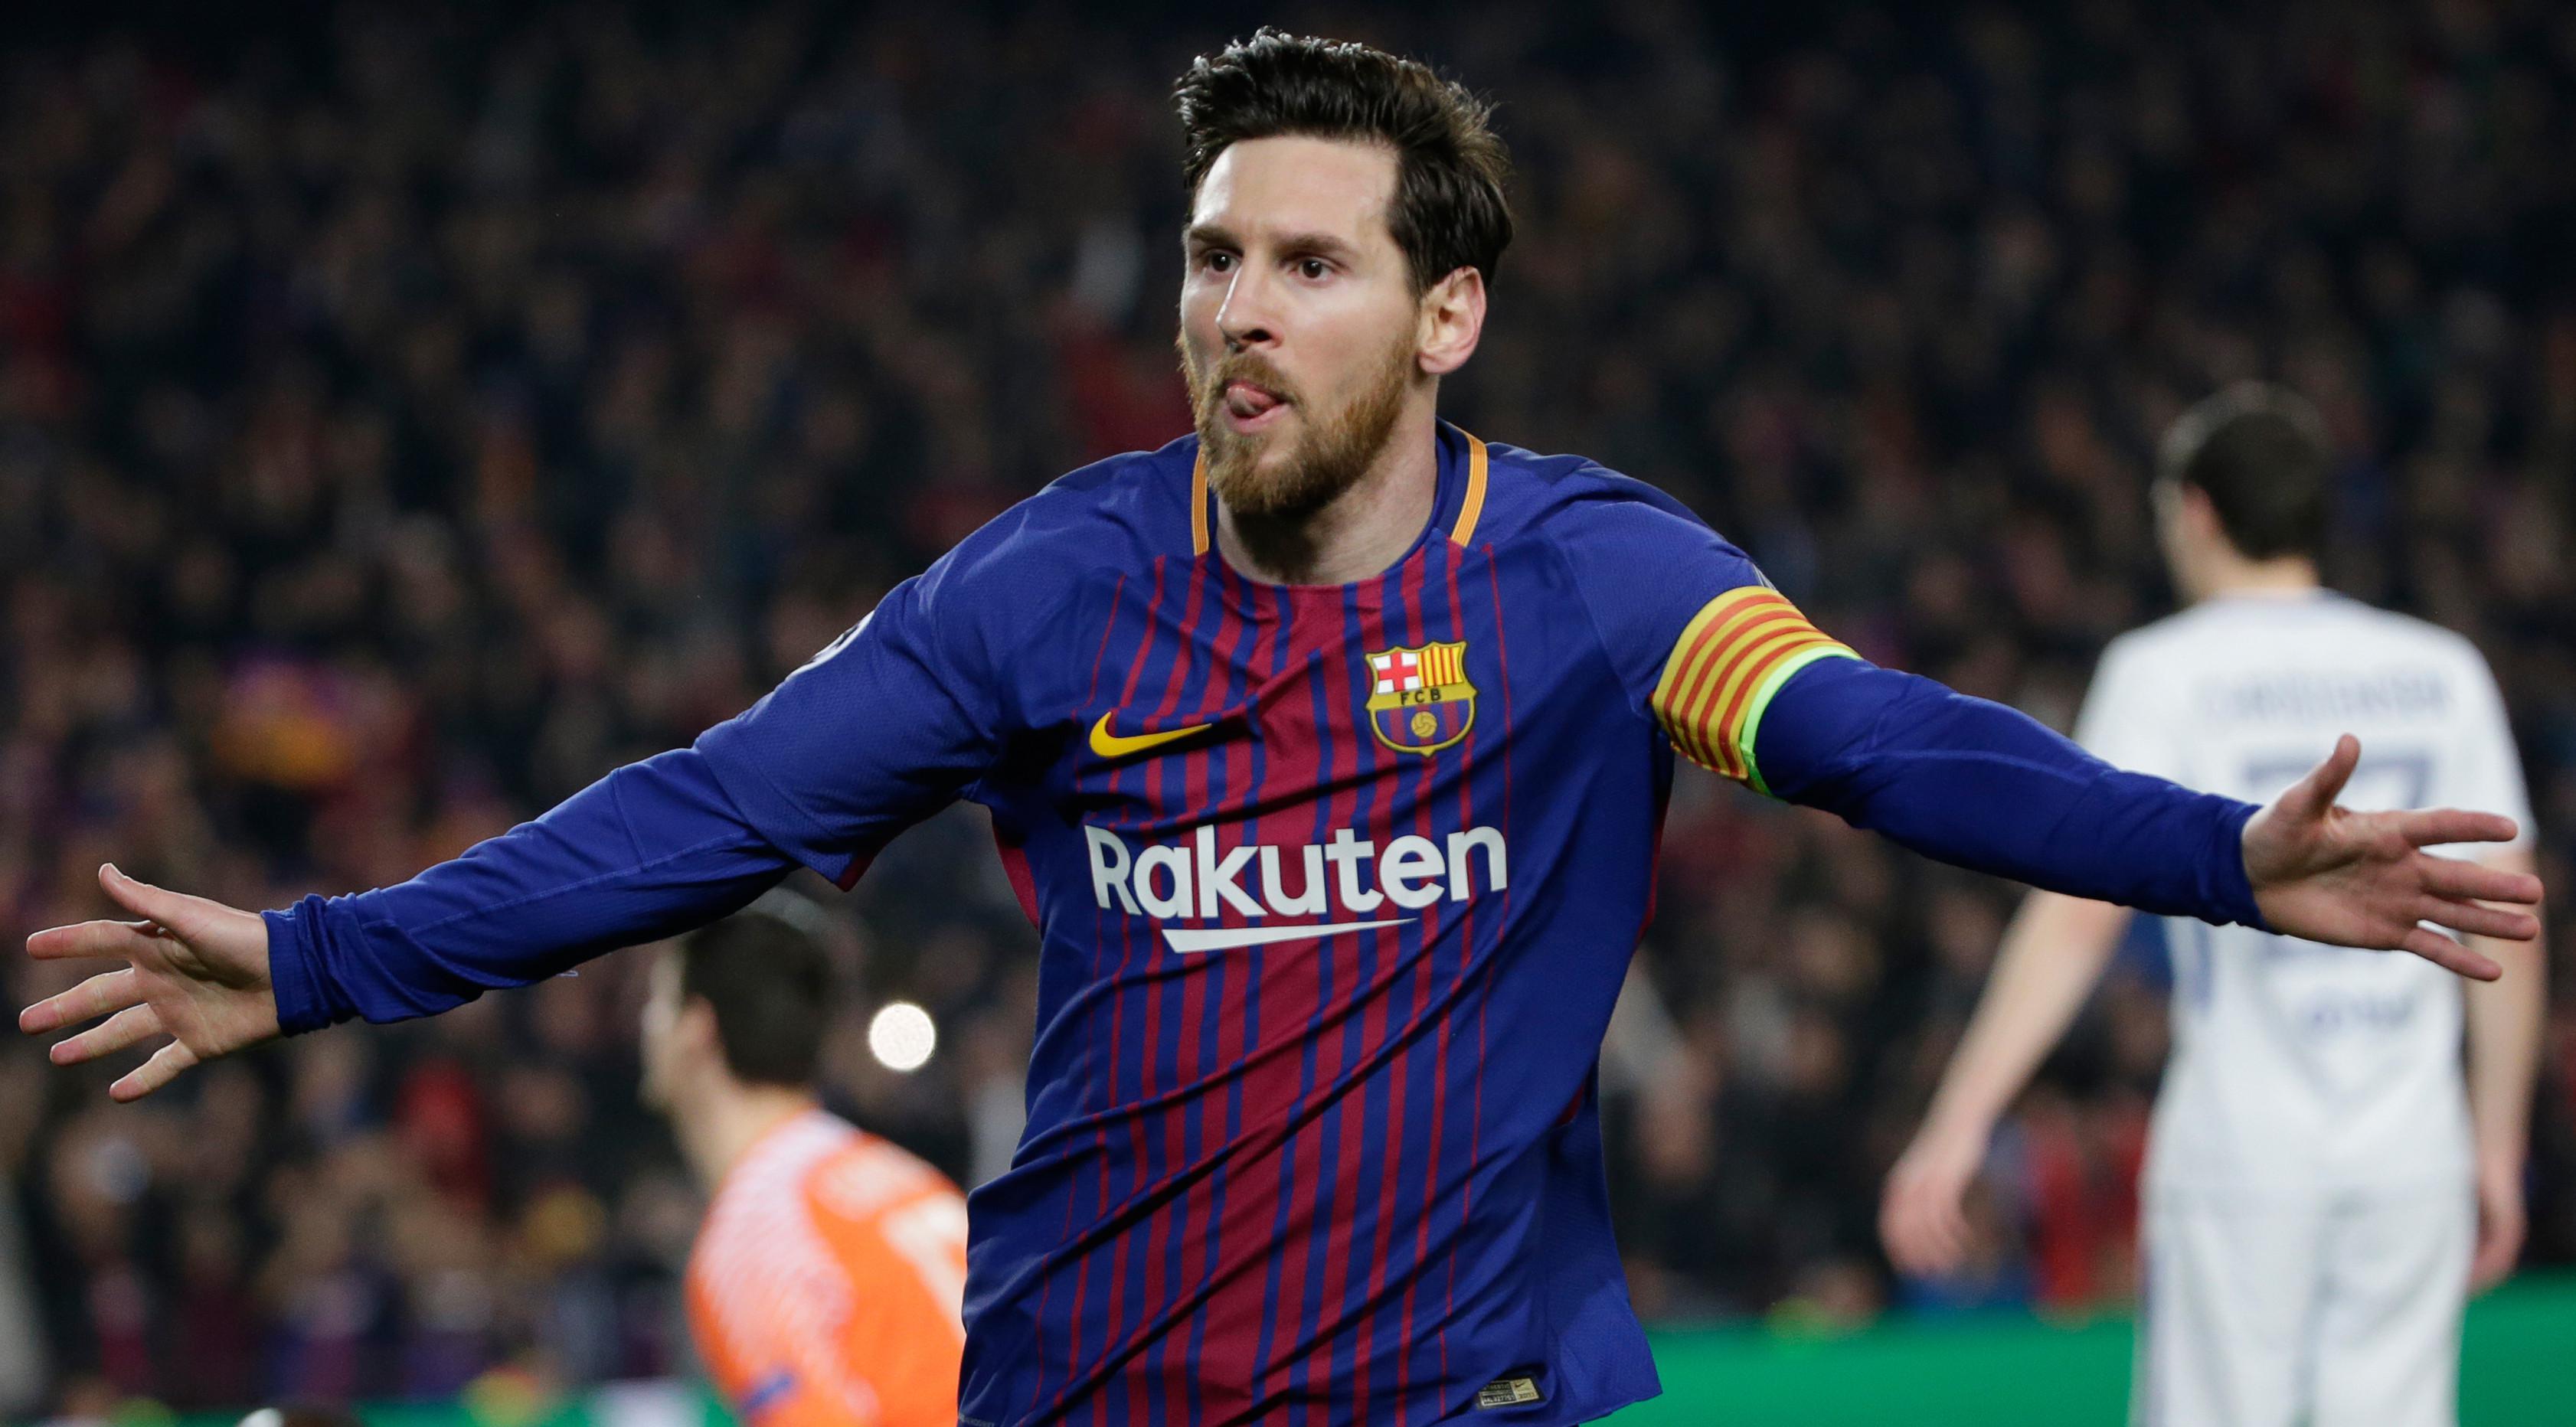 Pemain Barcelona, Lionel Messi merayakan golnya ke gawang Chelsea pada leg kedua babak 16 besar Liga Champions di Camp Nou, Rabu (14/3) (AP/Emilio Morenatti)